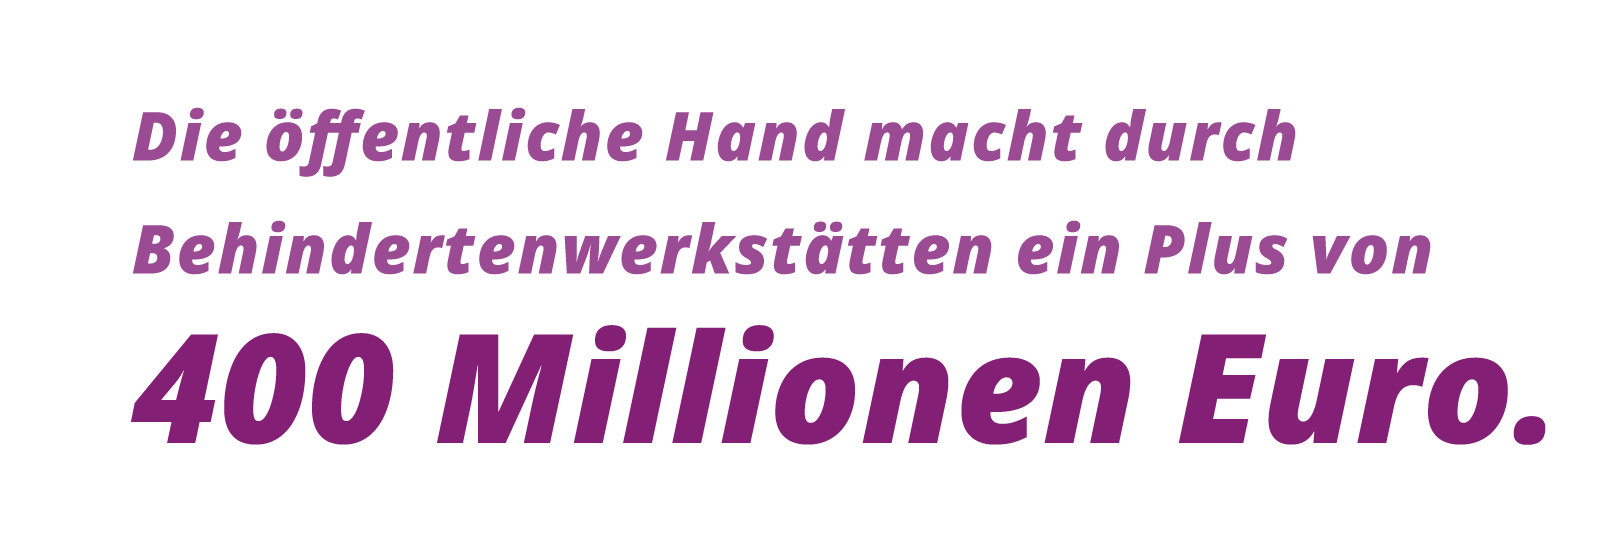 Grafik: Die öffentliche Hand macht durch Behindertenwerkstätten ein Plus von 400 Millionen Euro.